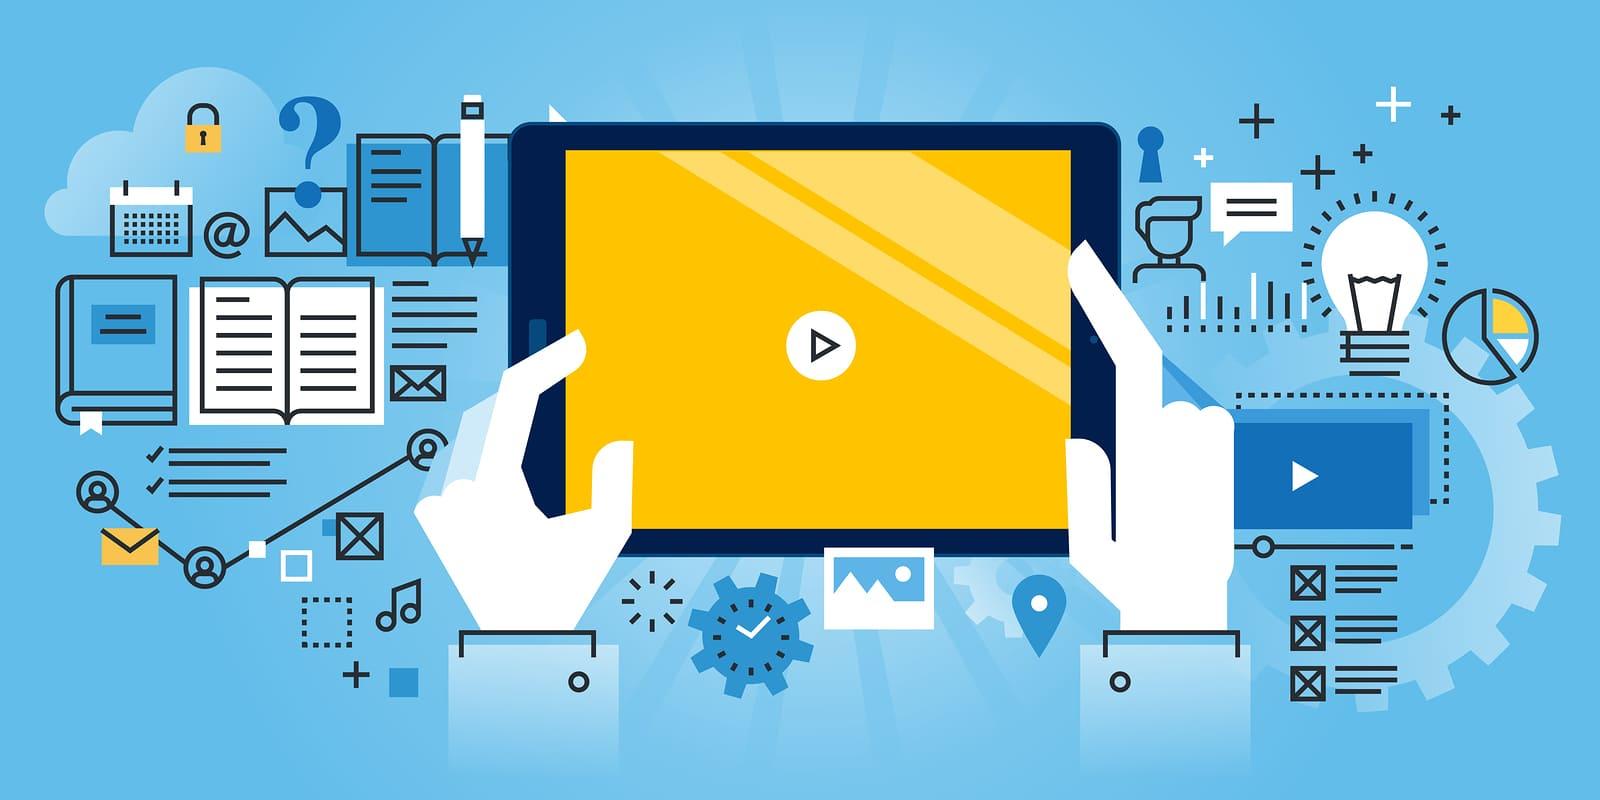 فیلم های آموزشی در ویدئو مارکتینگ